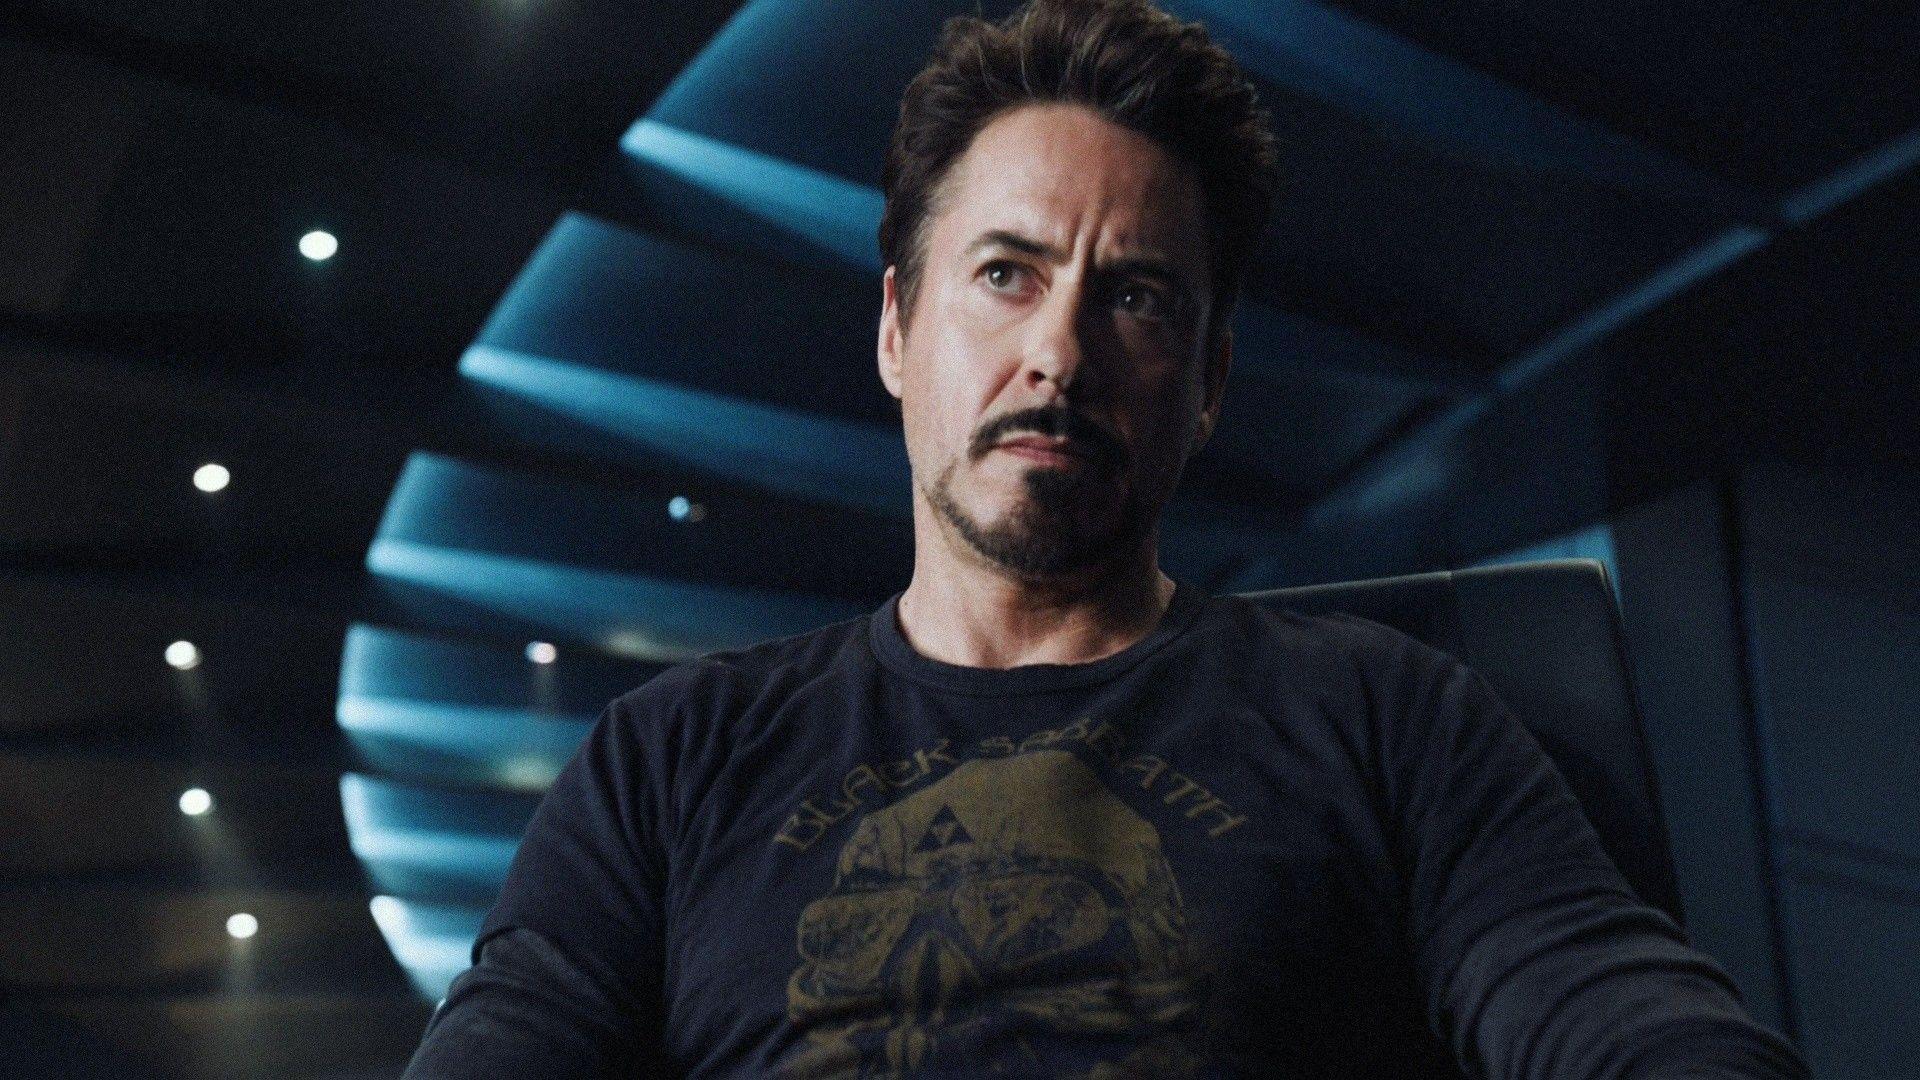 Tony Stark 4k Wallpaper: Tony Stark Wallpapers